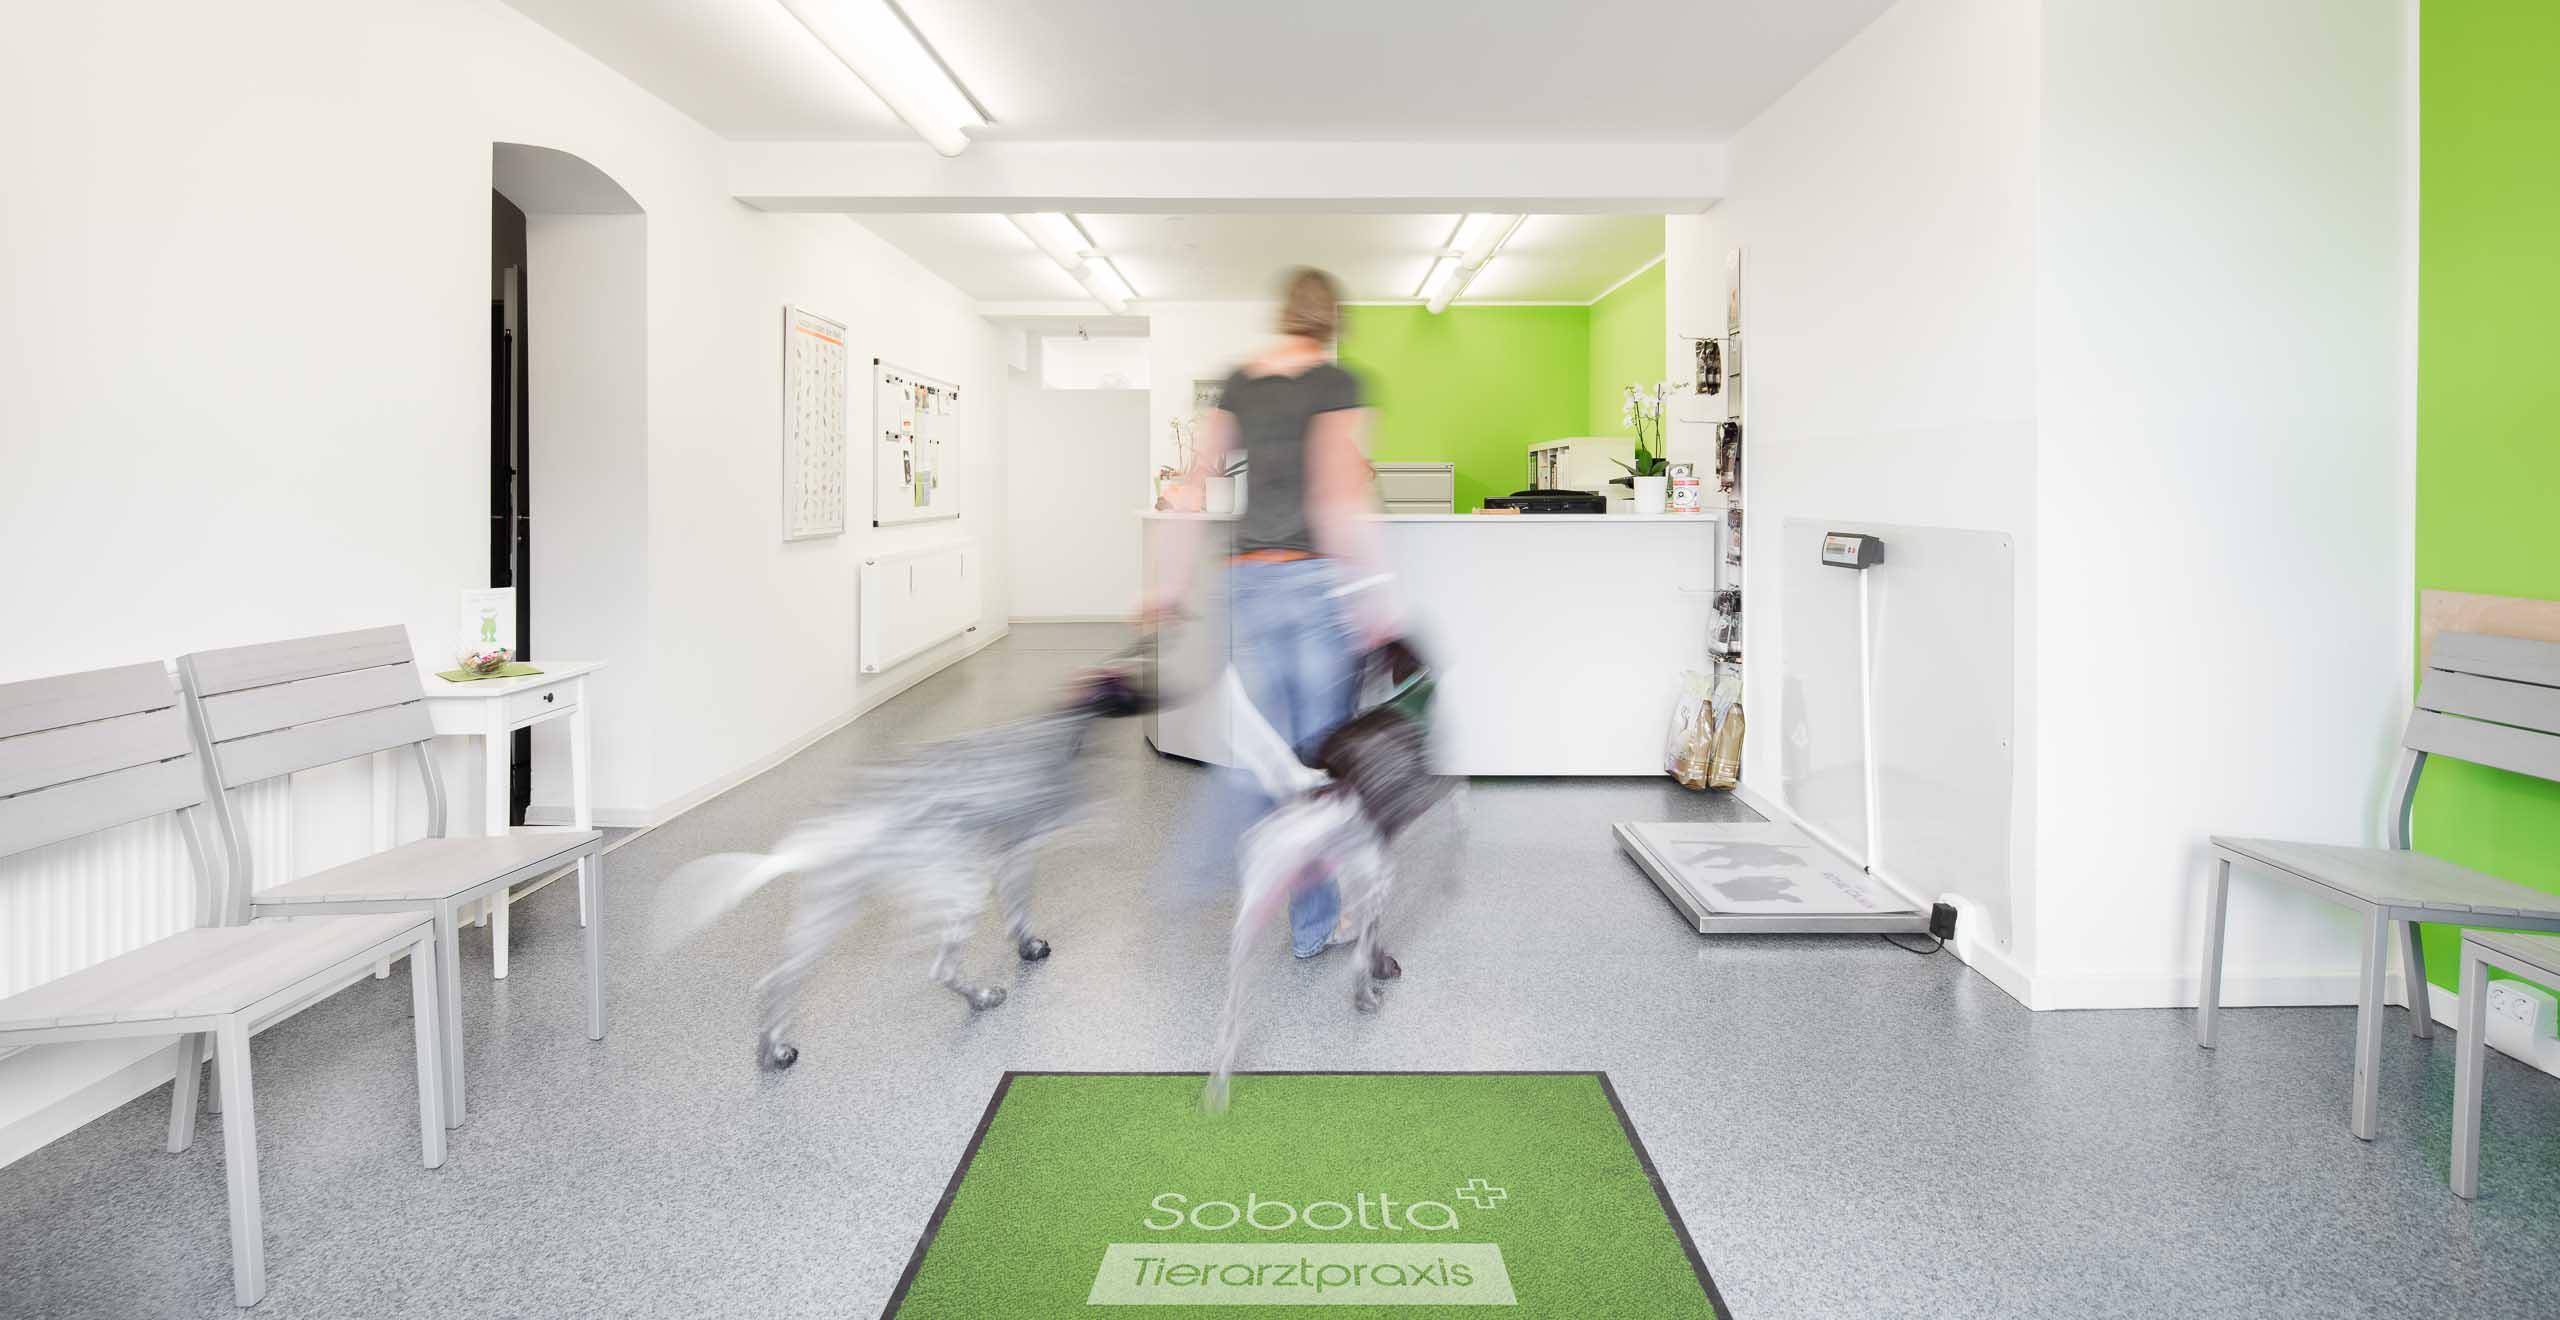 Tierarztpraxis Sobotta, Lindenstraße 12, 21435 Stelle-Ashausen